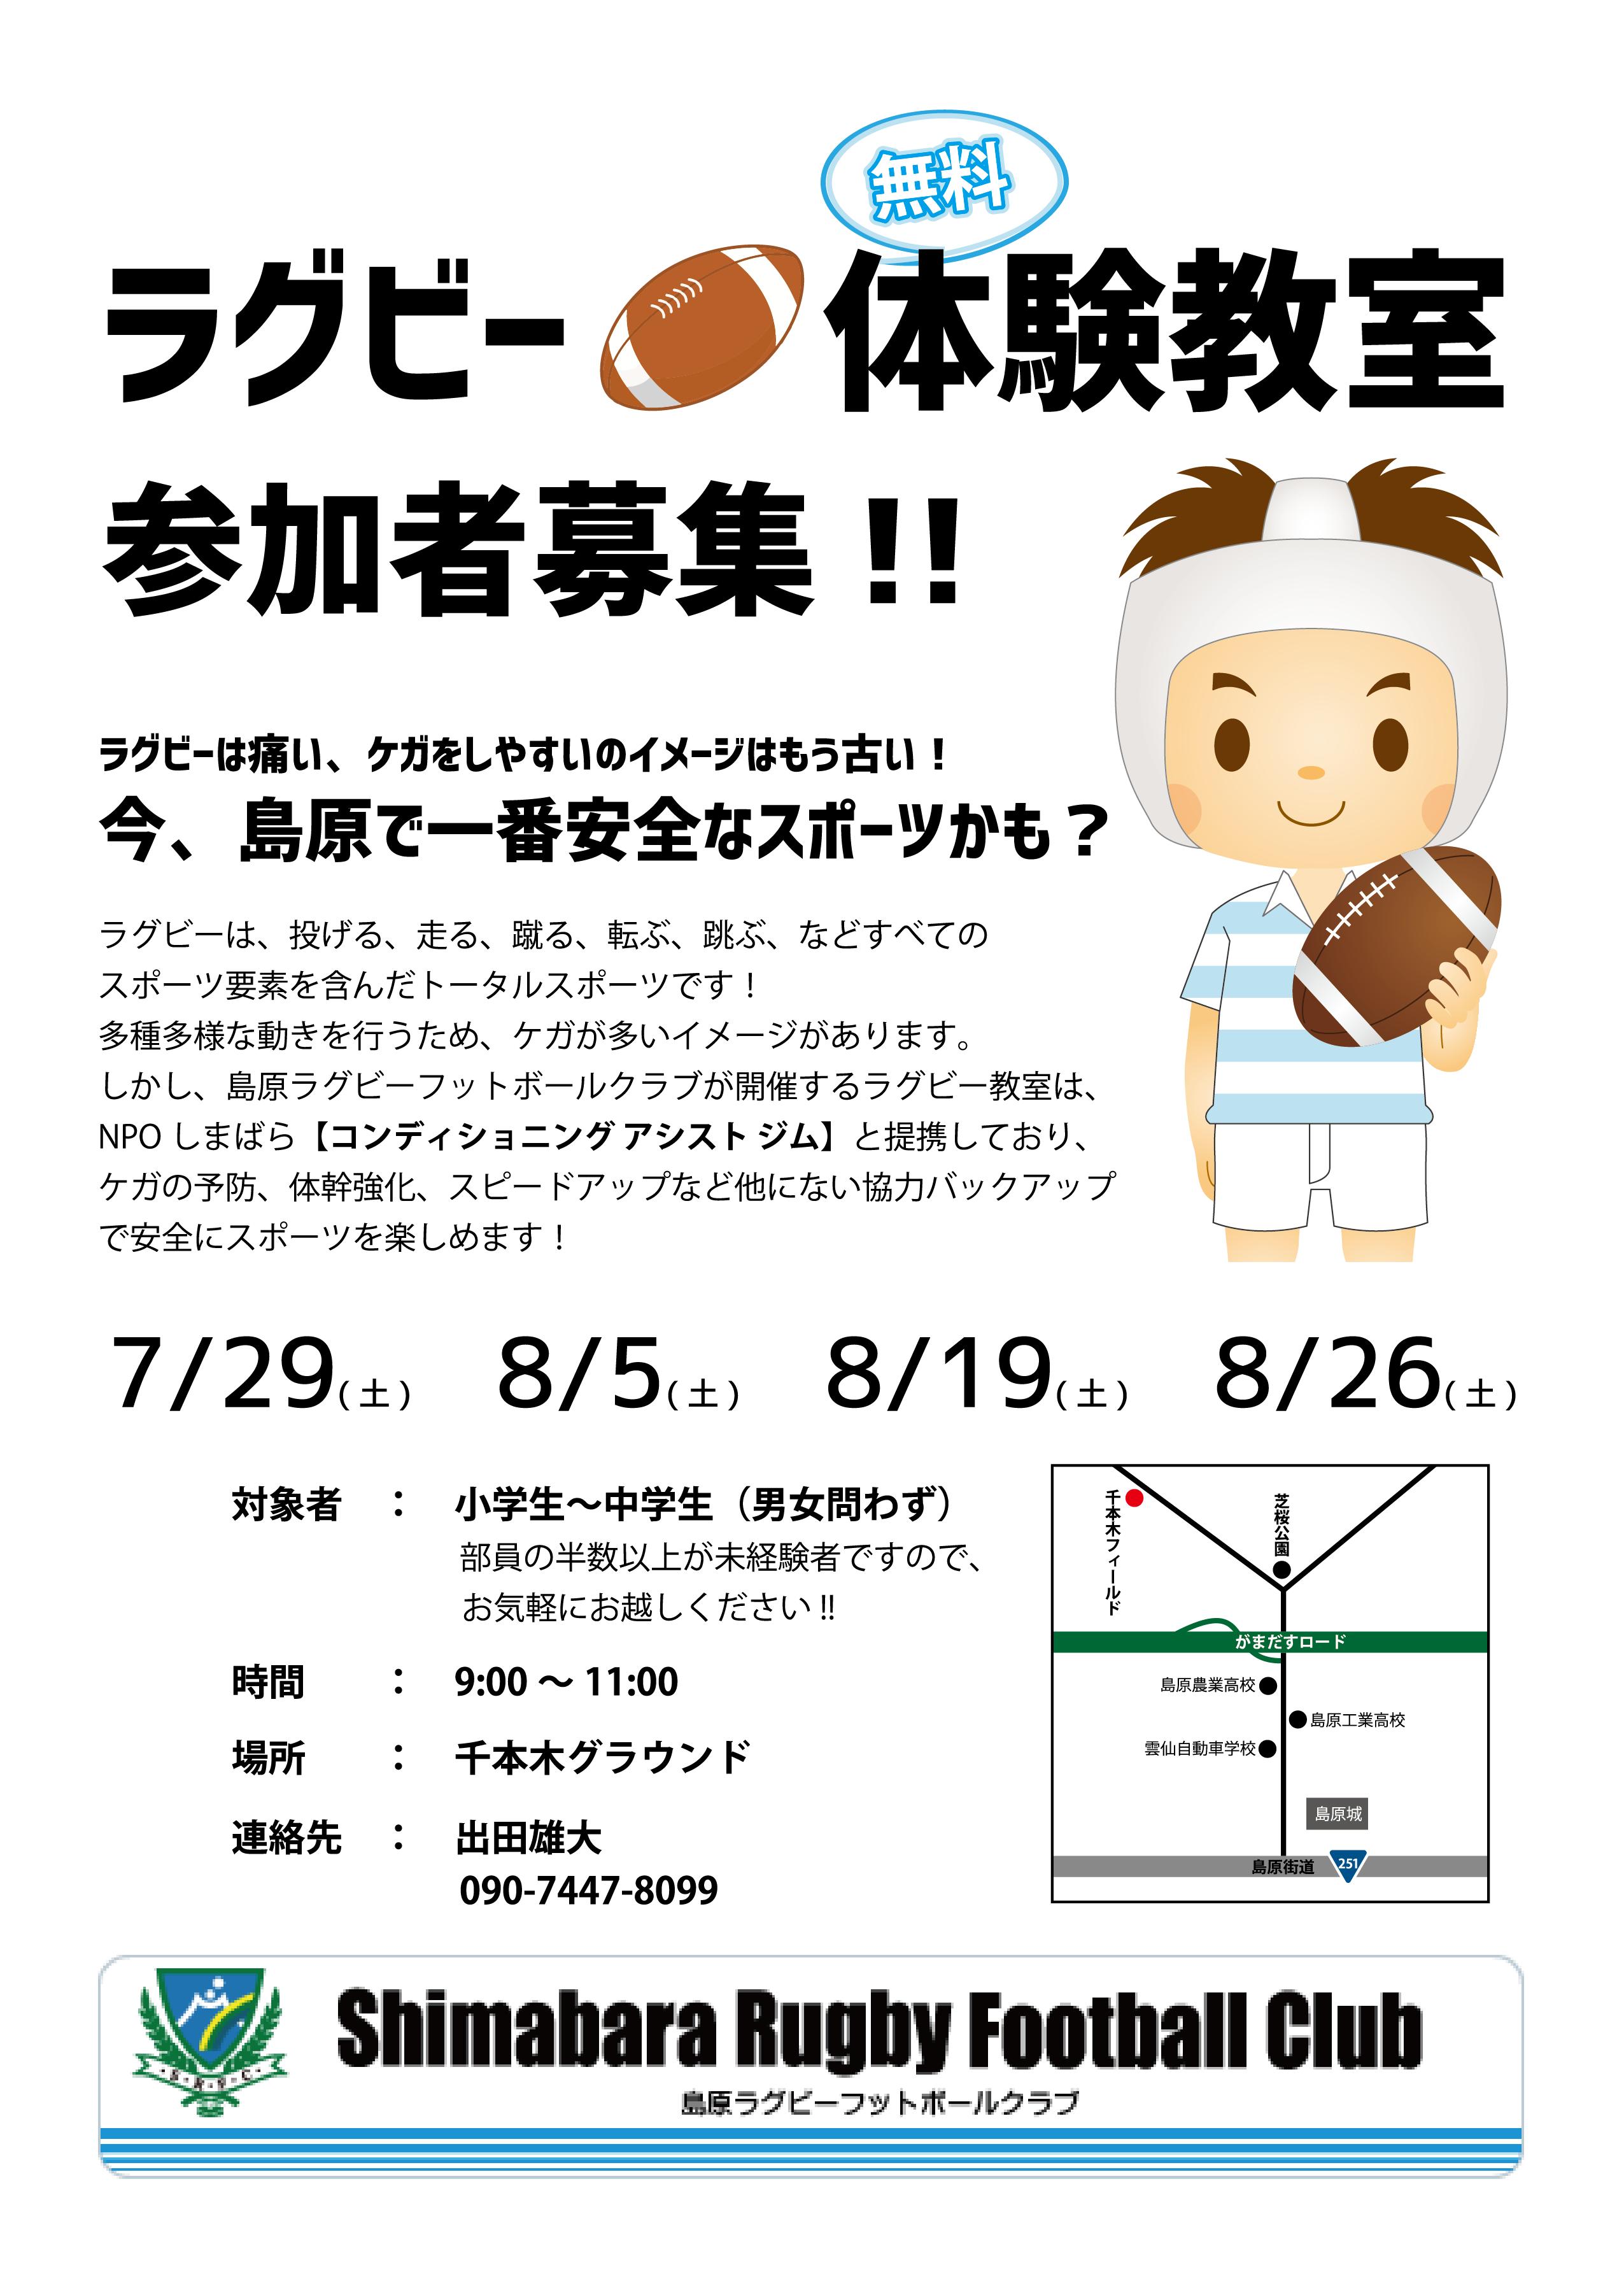 ラグビー体験教室開催中!!